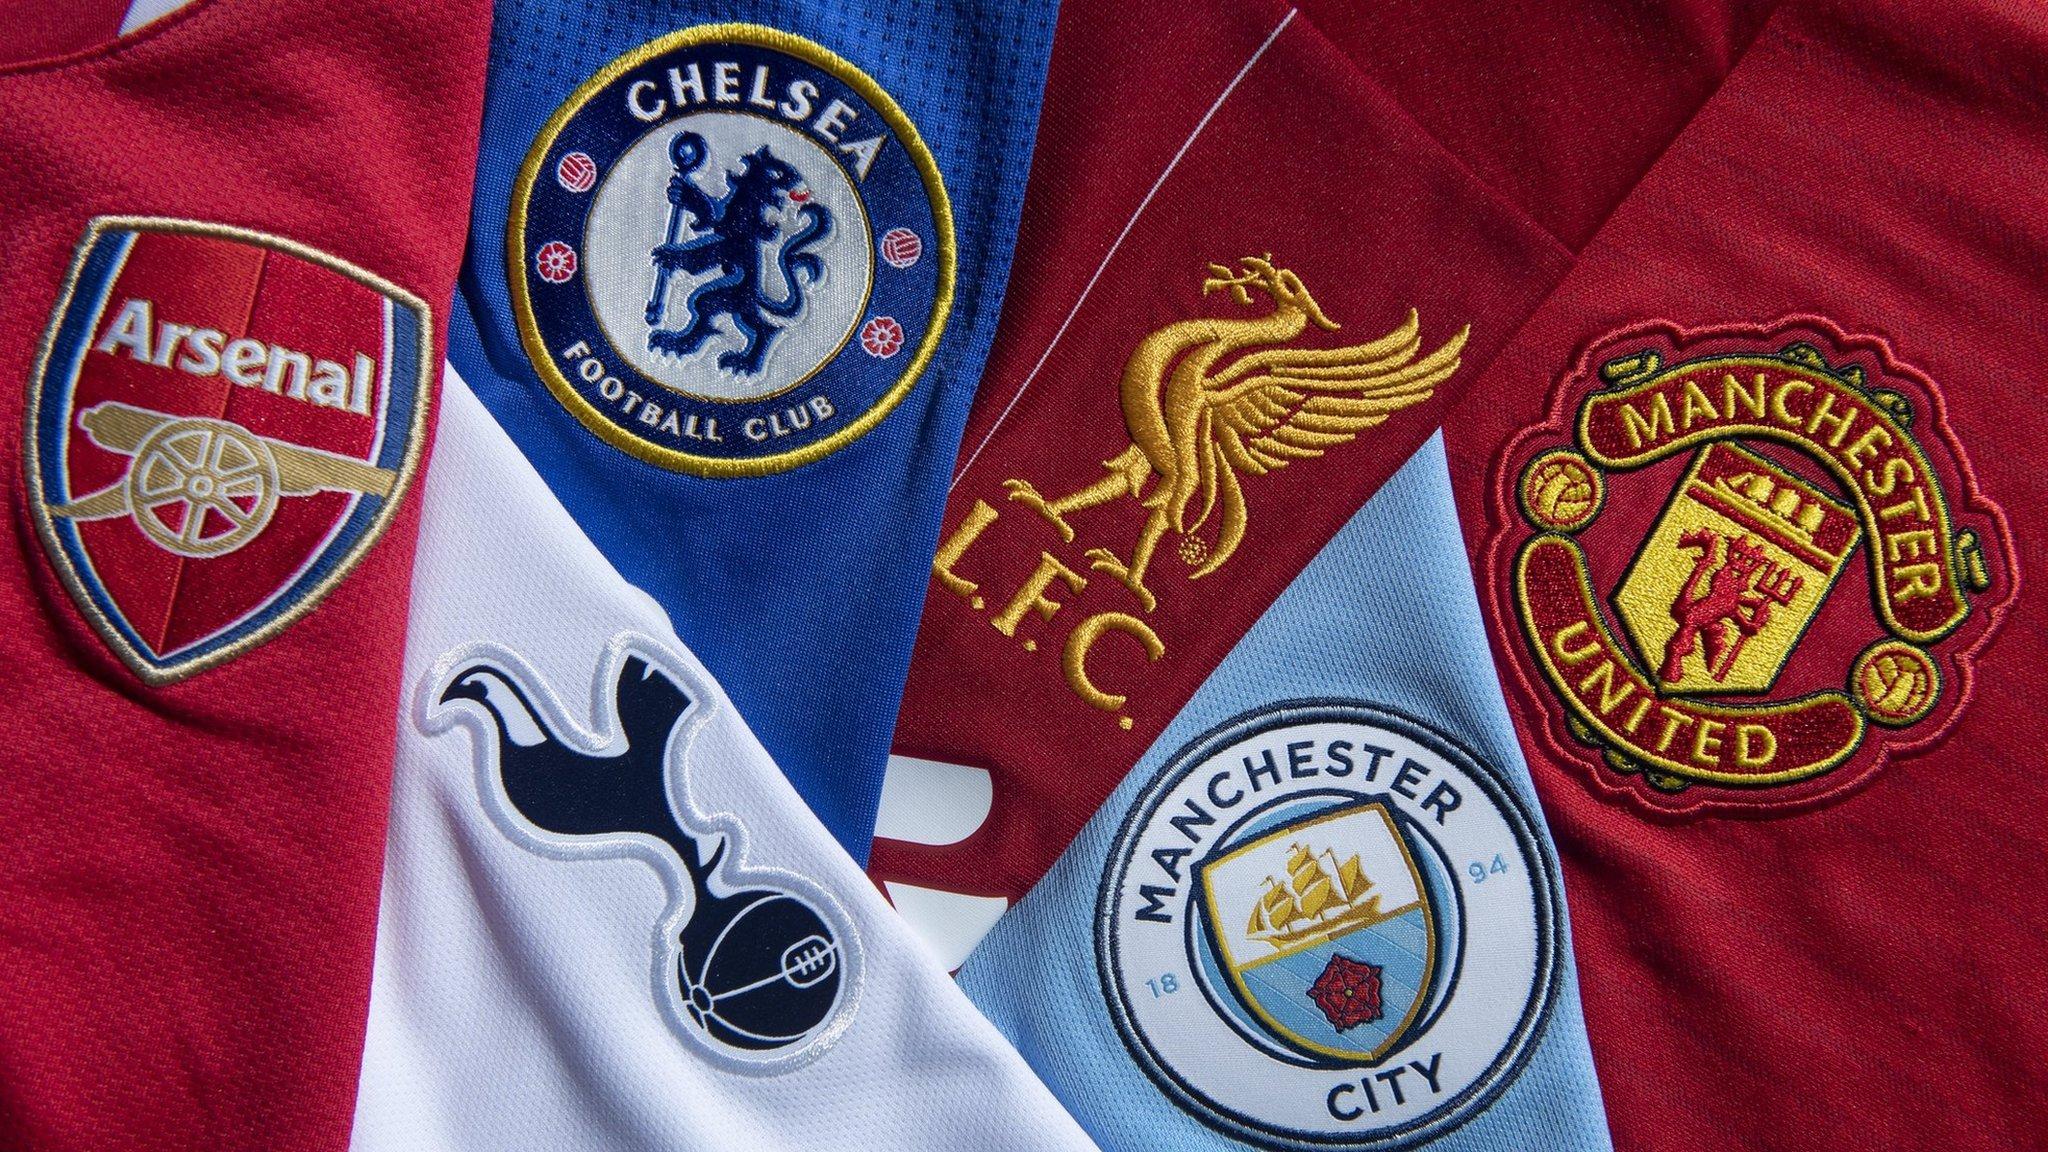 دوري السوبر الأوروبي: لِمَ تبدأ أندية كرة القدم الكبرى بطولة جديدة؟